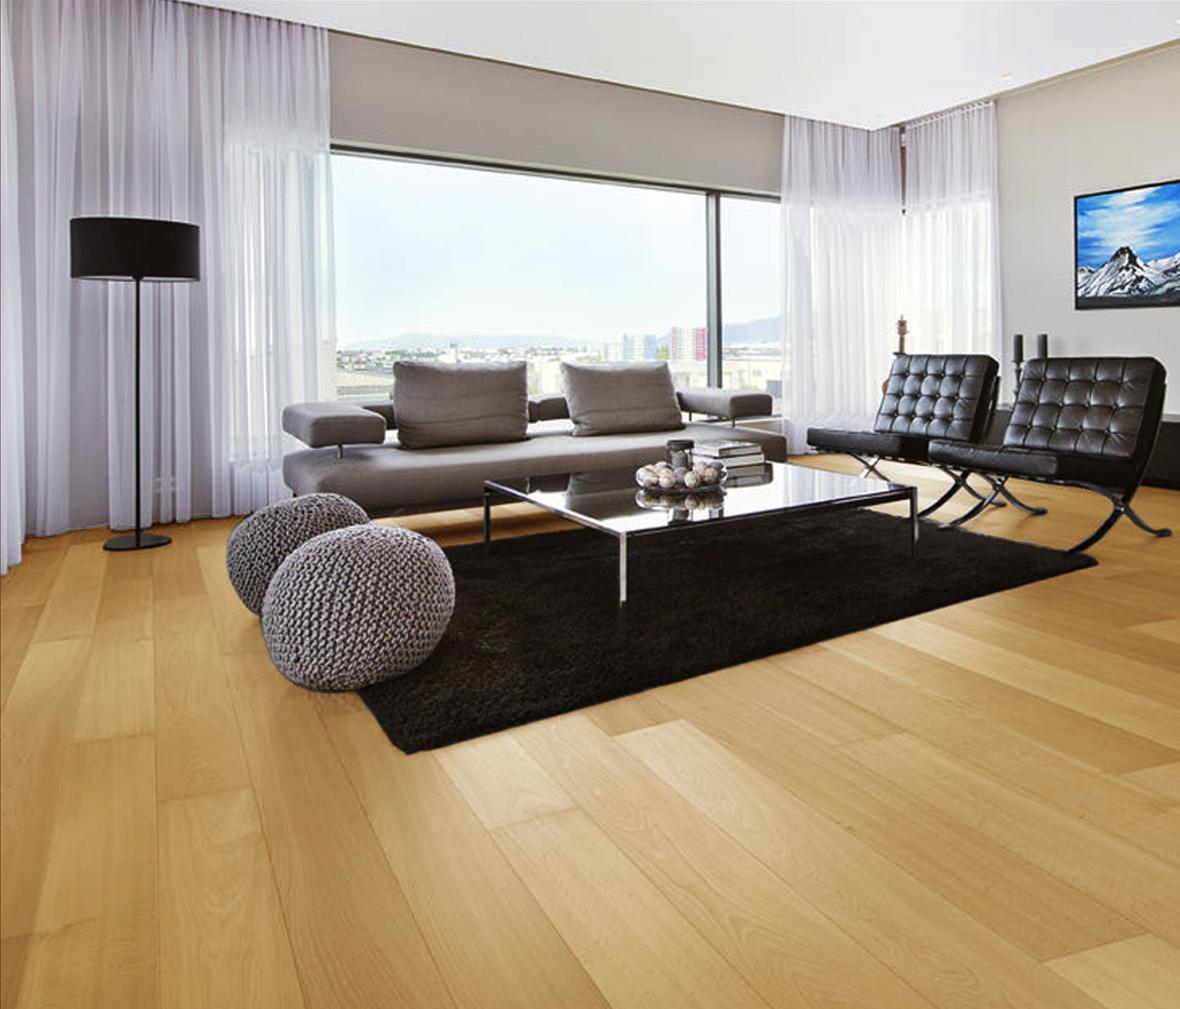 实木复合地板 适于地暖  眼缘:0  安信地板 多层实木地板 老榆木 金色